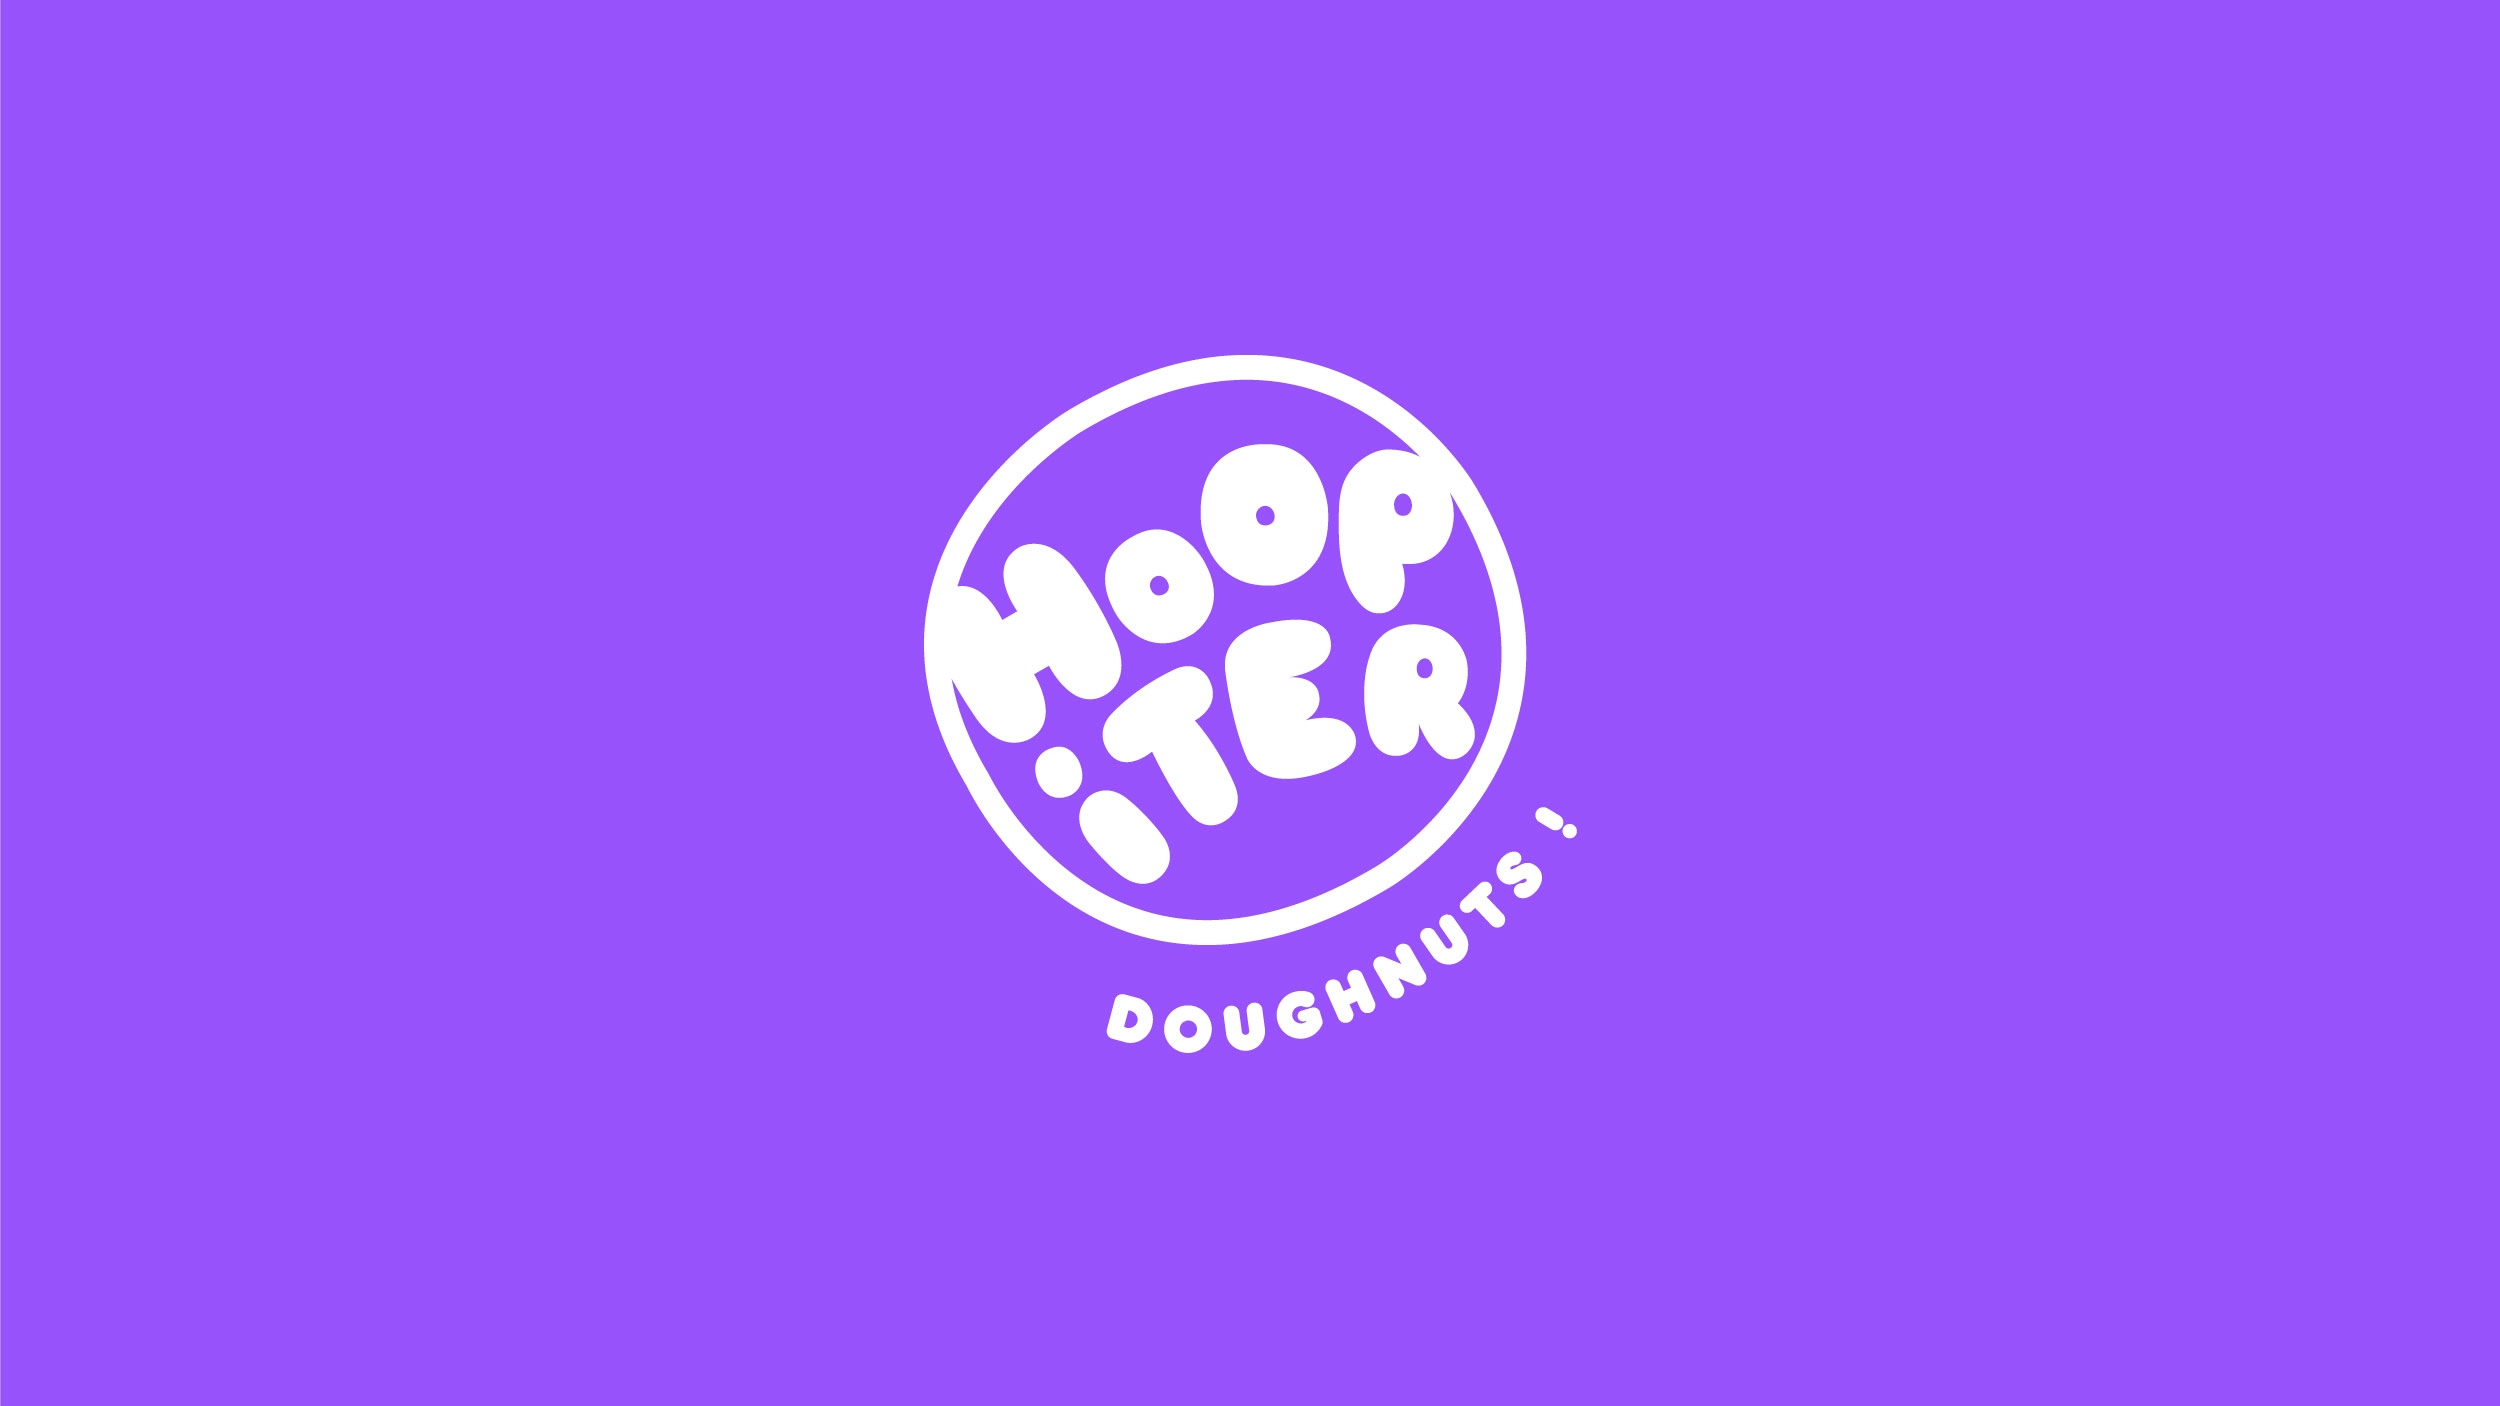 Logotipo-Hoopiter.jpg